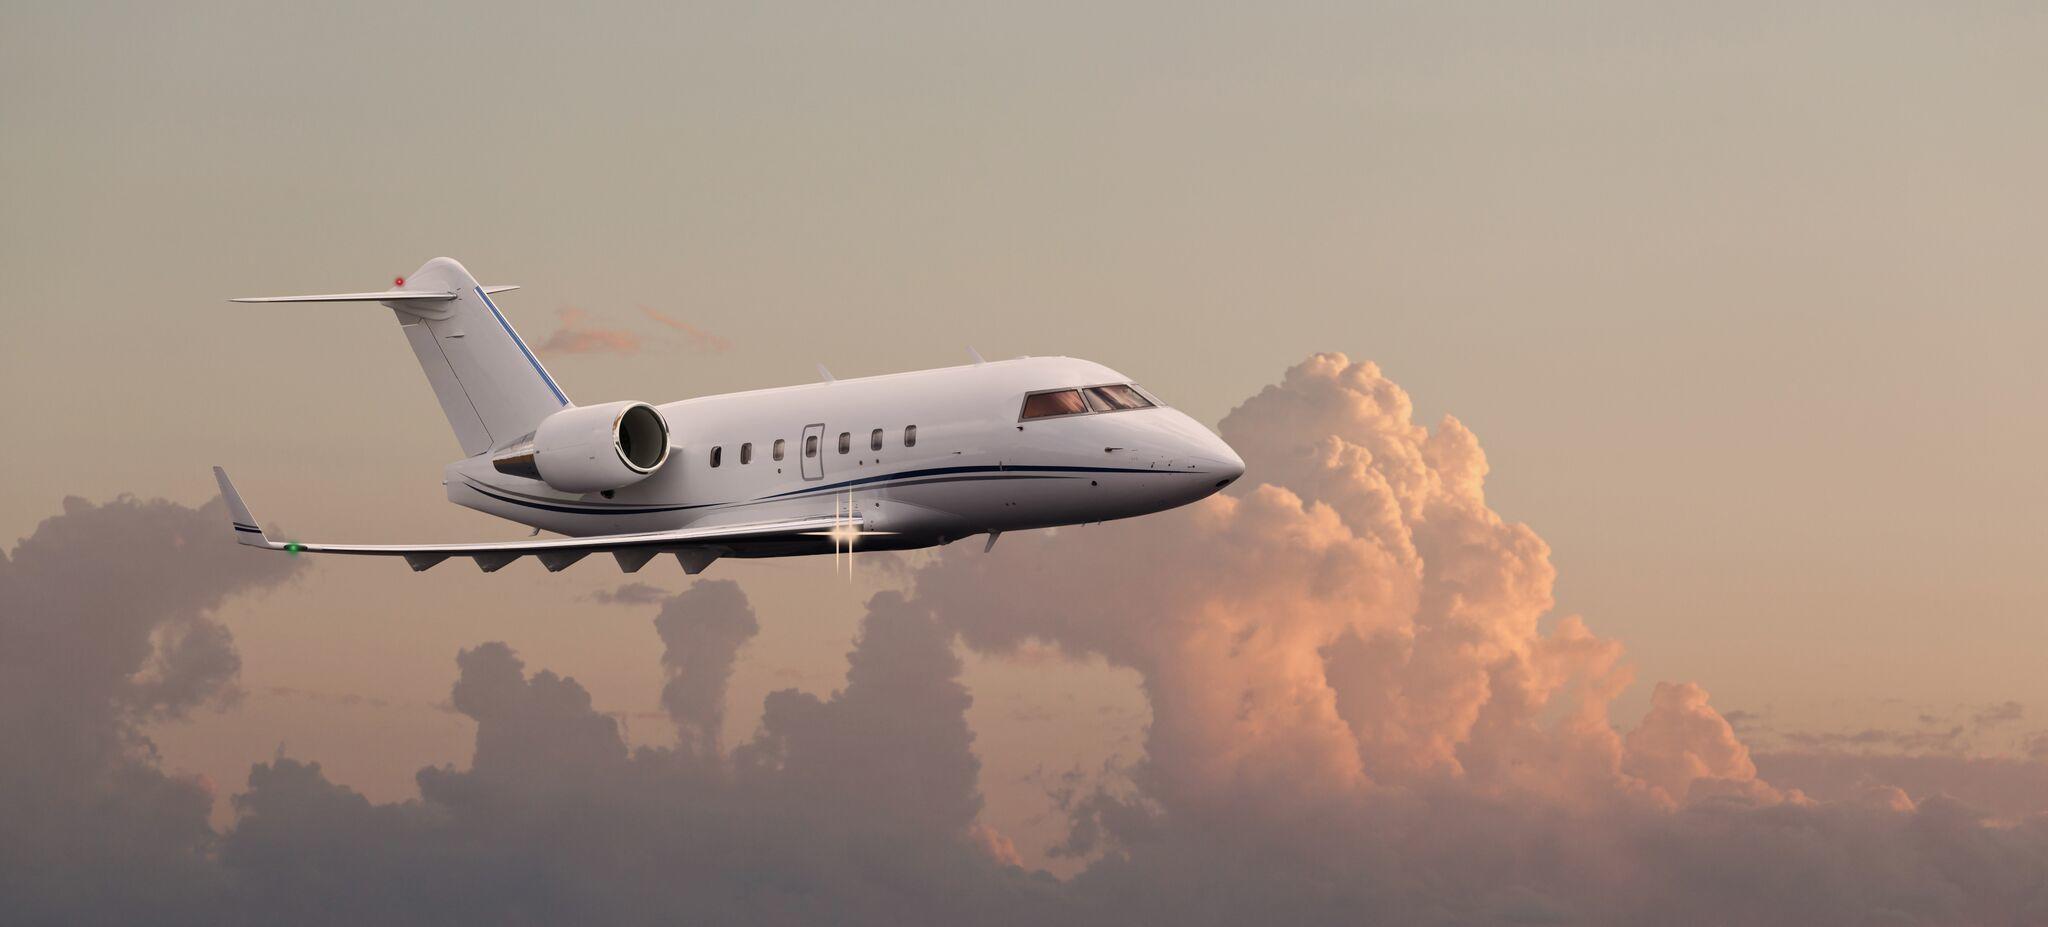 Vault Aviation image 3